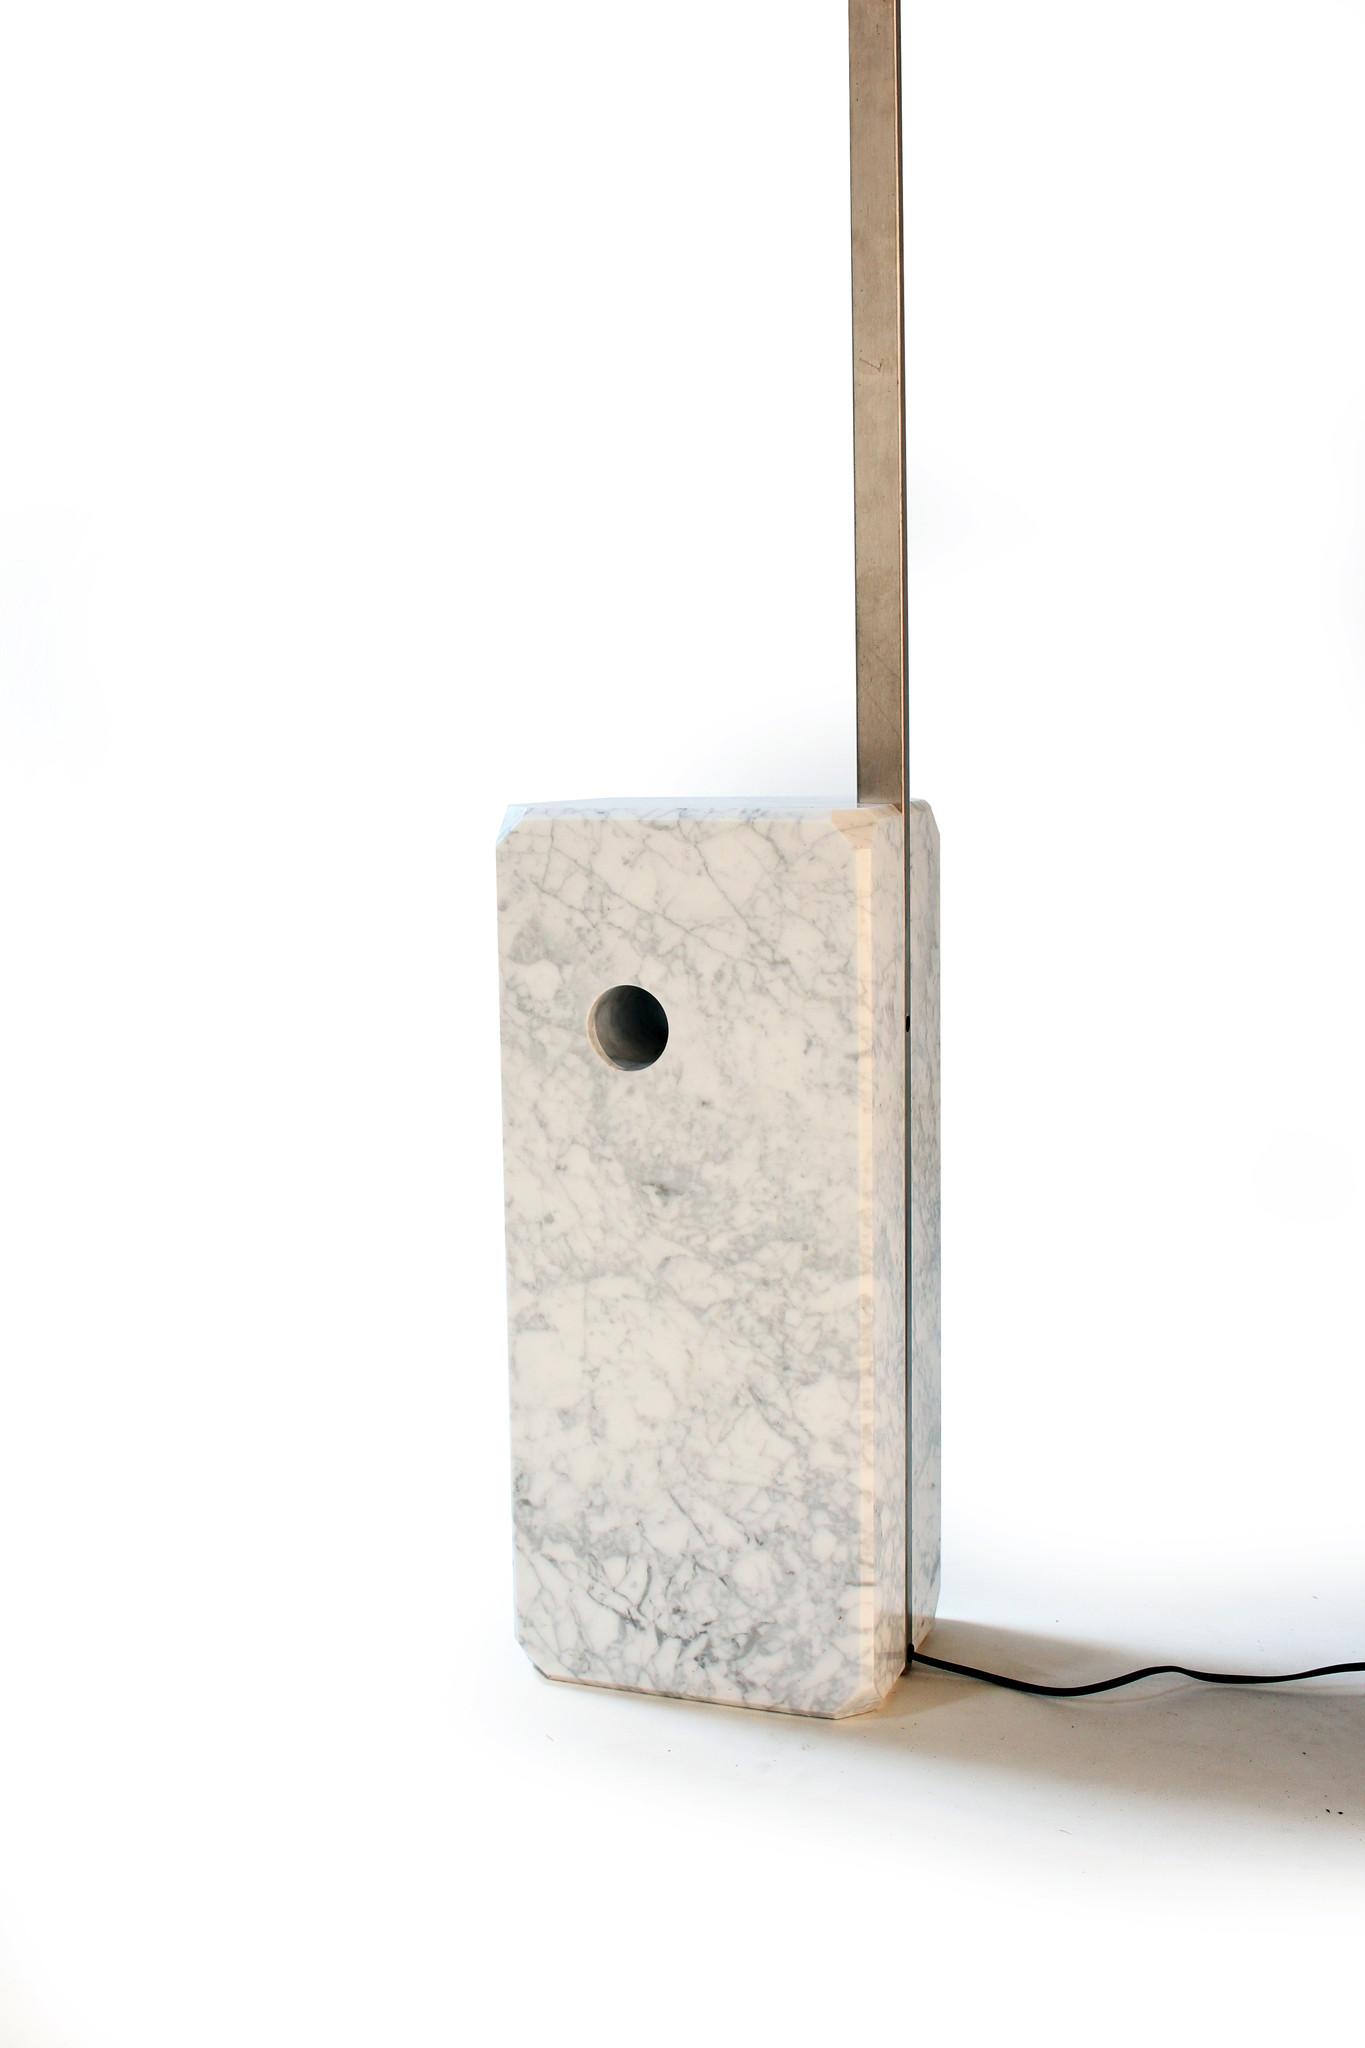 Vintage Flos booglamp ontworpen door Archille en Piere Giacomo Castiglioni in 1962